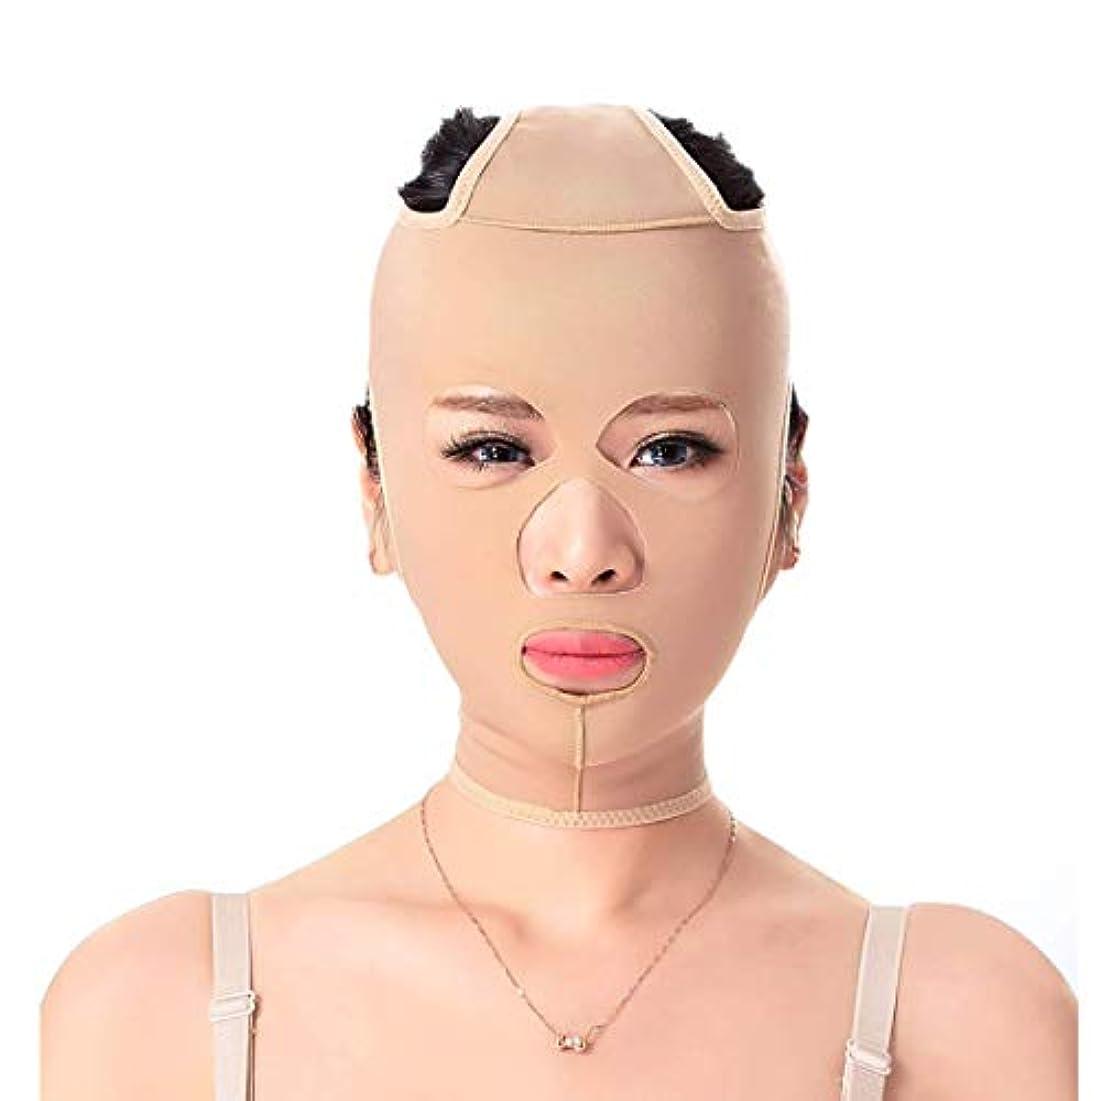 特定の湿度一致スリミングベルト、二重あごの引き締め顔面プラスチック顔アーティファクト強力な顔の包帯を脇に持ち上げるパターンを欺くためのフェイシャルマスク薄いフェイスマスク(サイズ:XXL),S